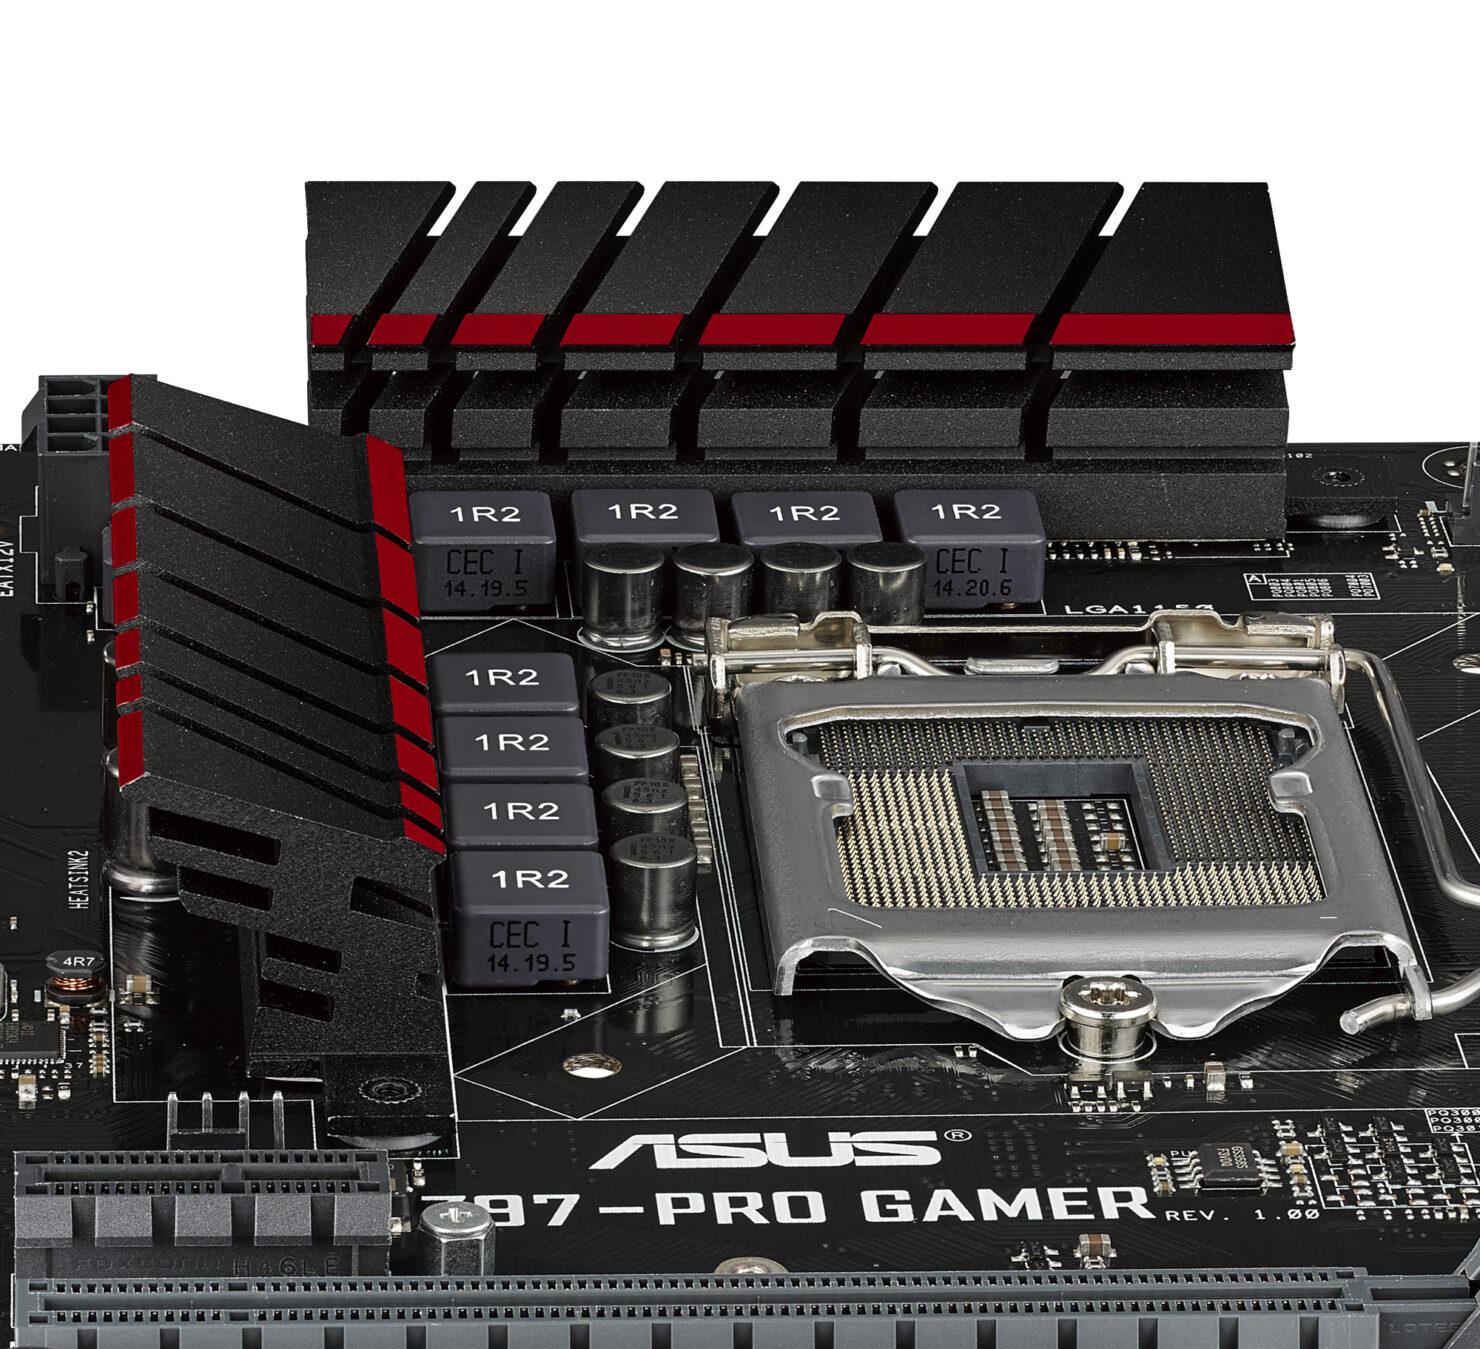 z97-pro-gamer-2_2